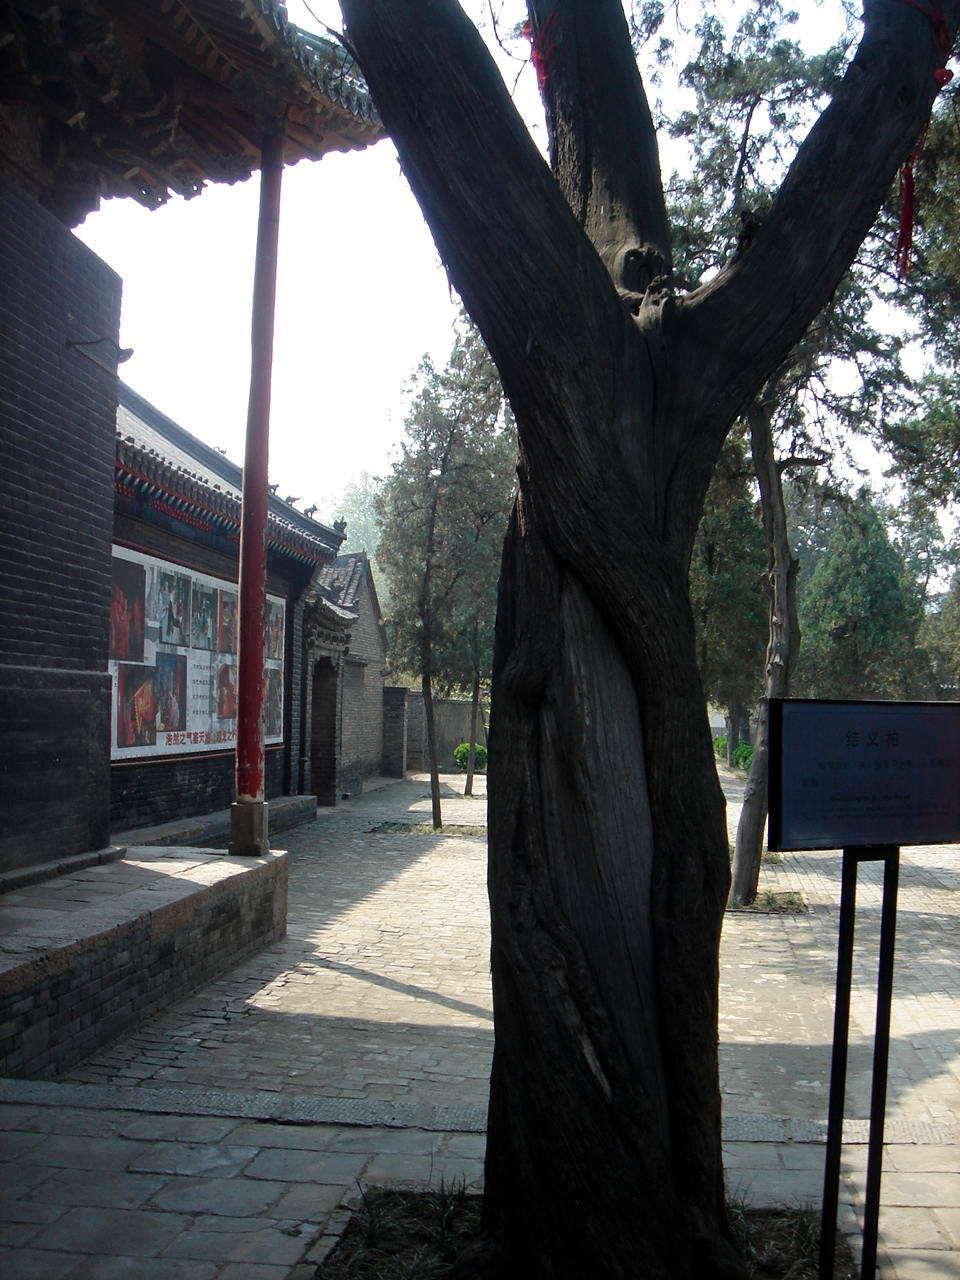 关林之林——洛阳古城感想 - 海风景 - 海风景